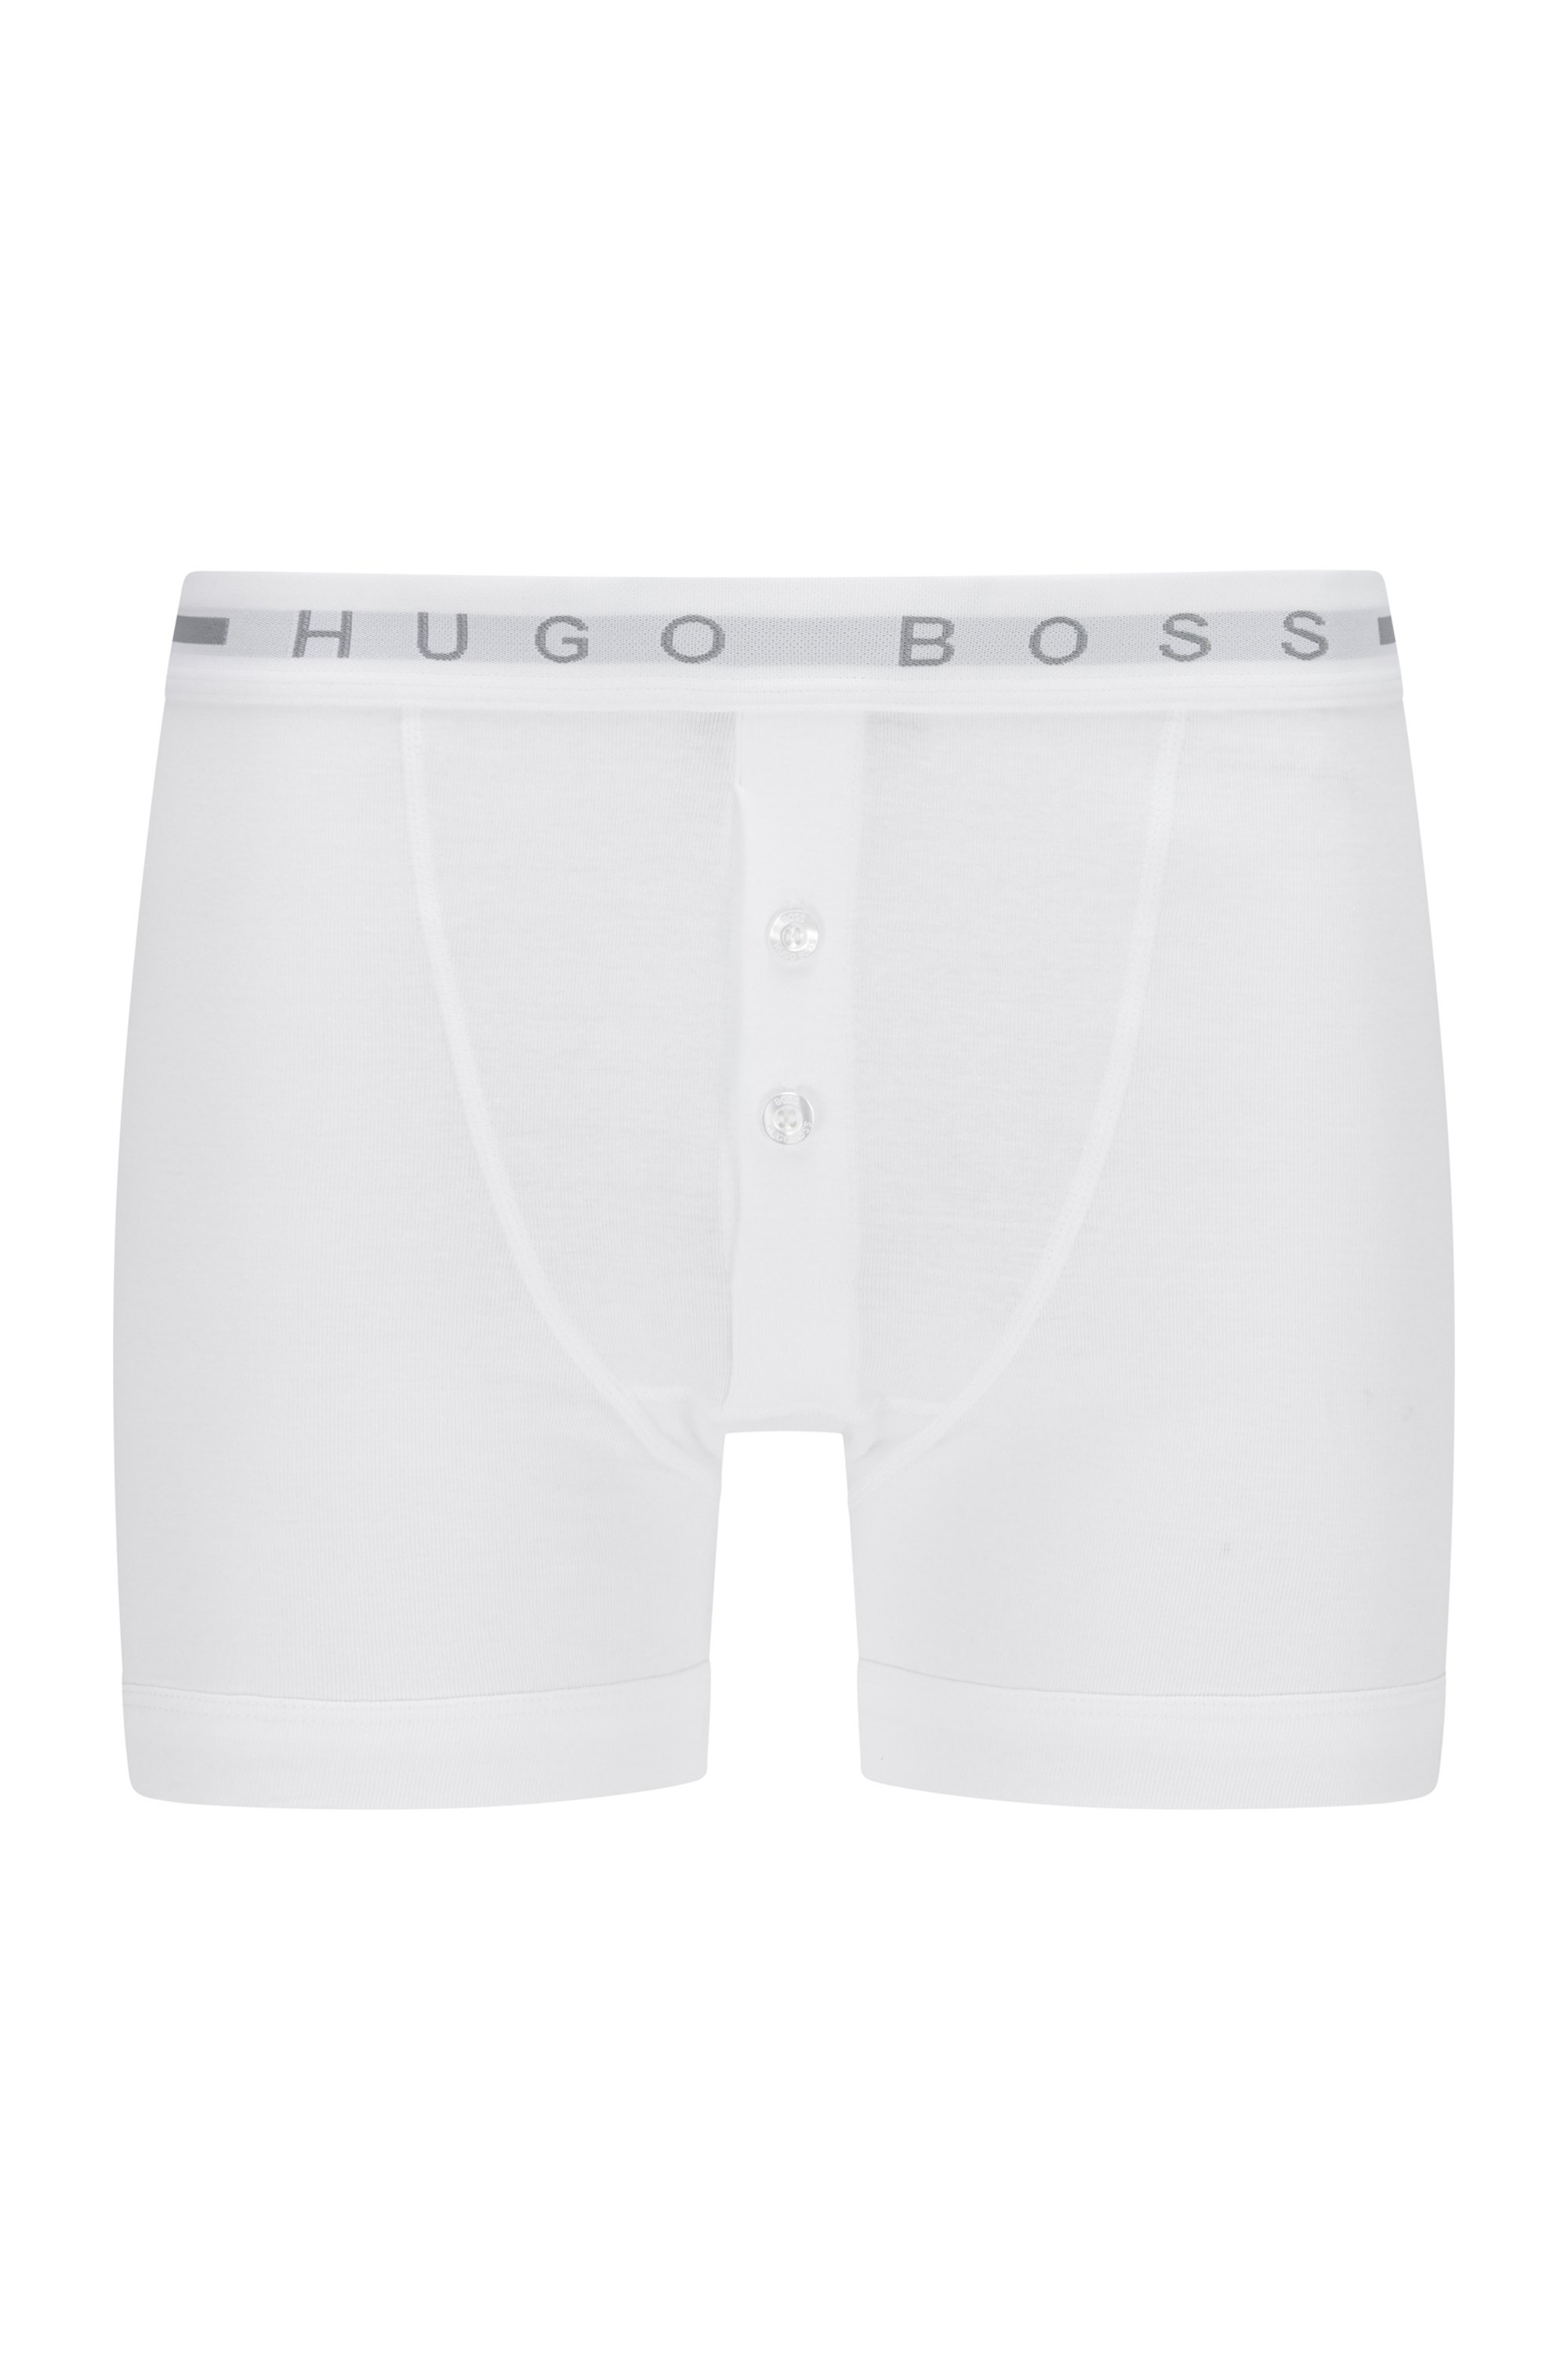 Gerippte Baumwoll-Boxershorts mit Logo am Bund, Weiß